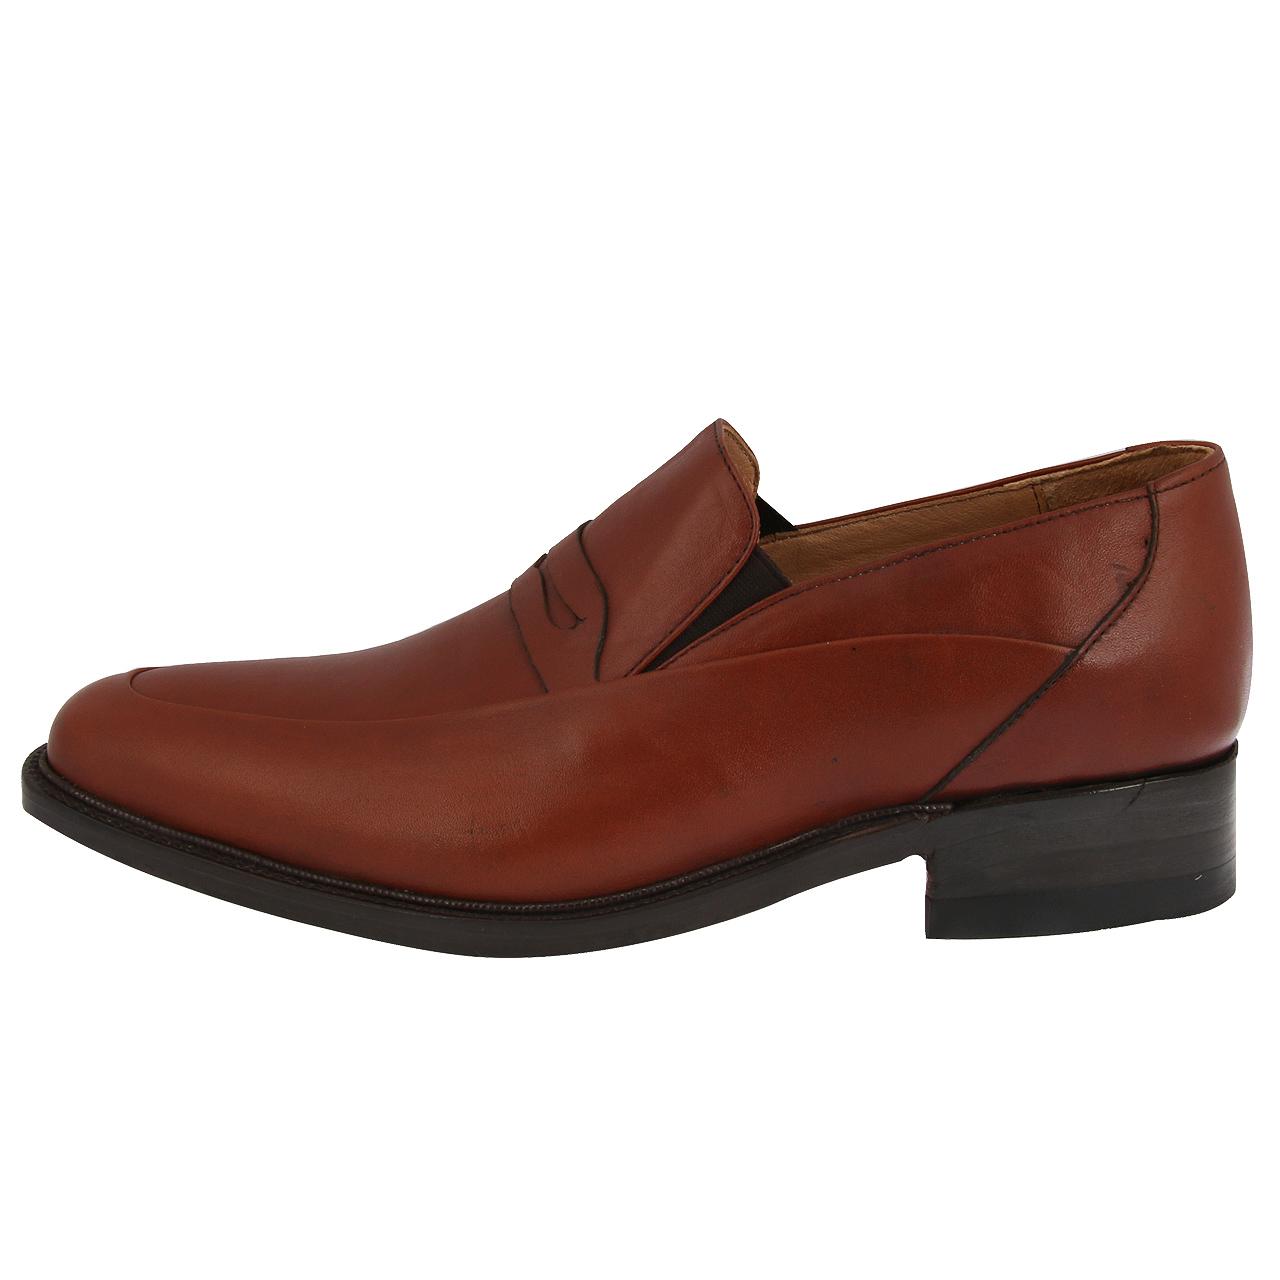 کفش چرم مردانه مدل کلاسیک کد 228101207